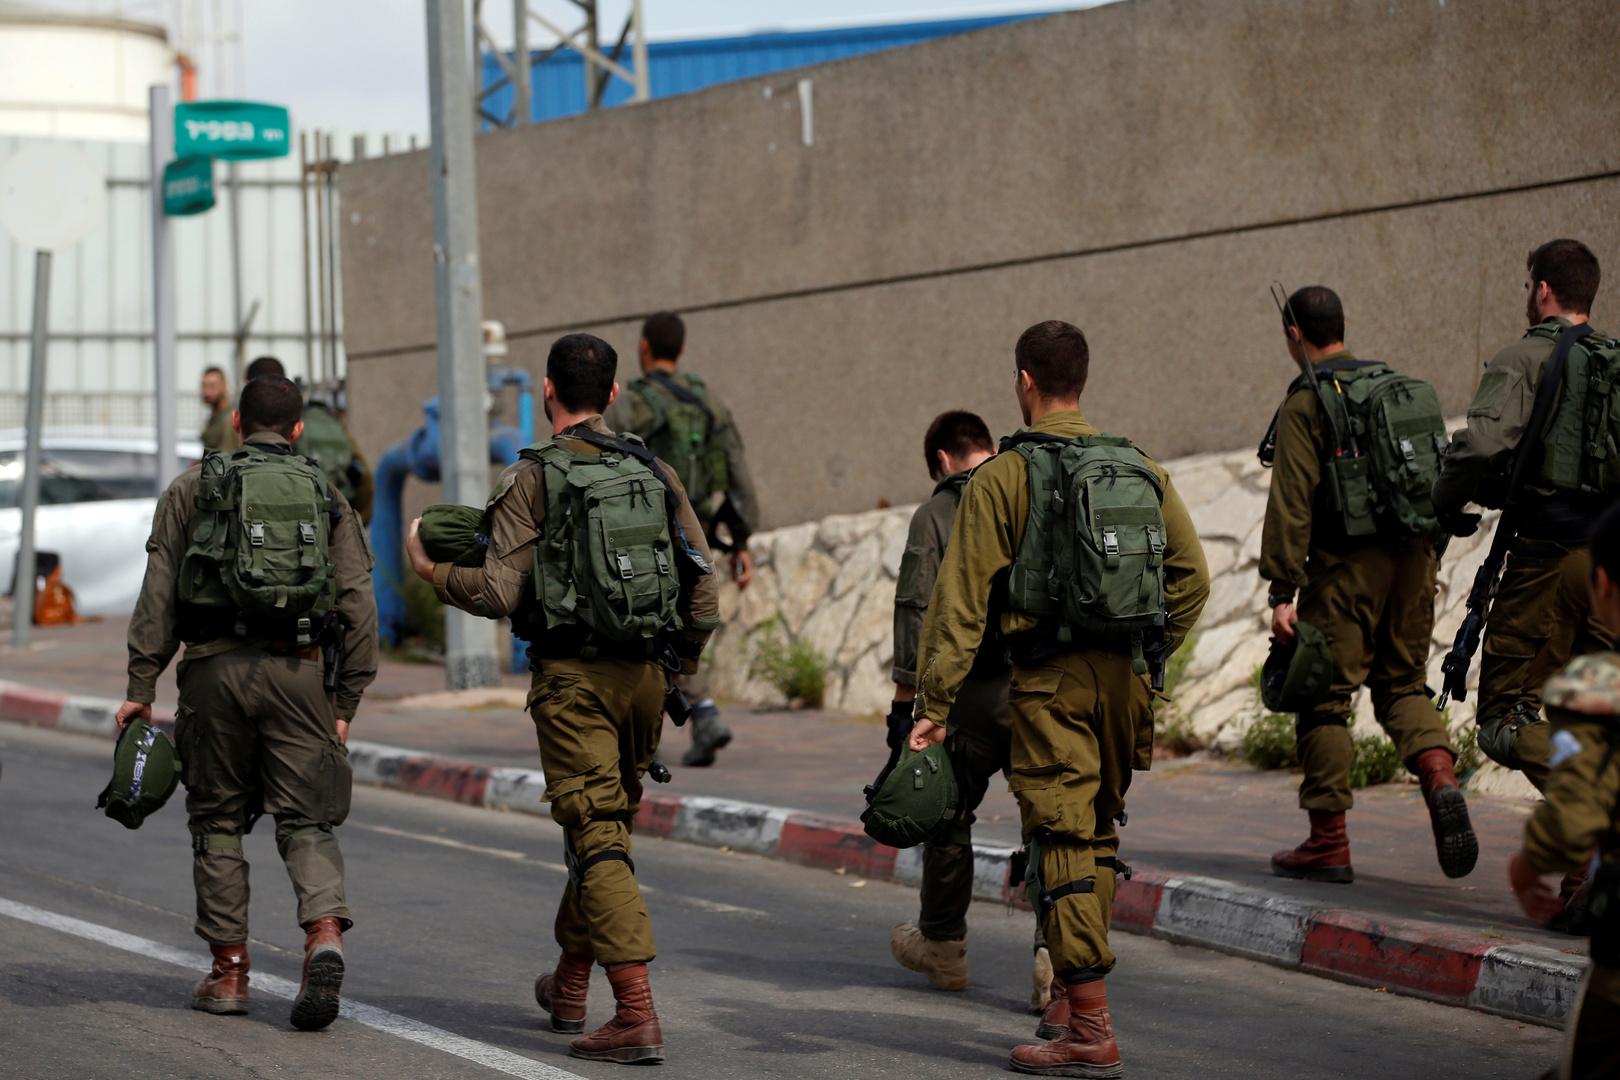 بالفيديو.. جندي إسرائيلي يسرق علبة سجائر من متجر فلسطيني